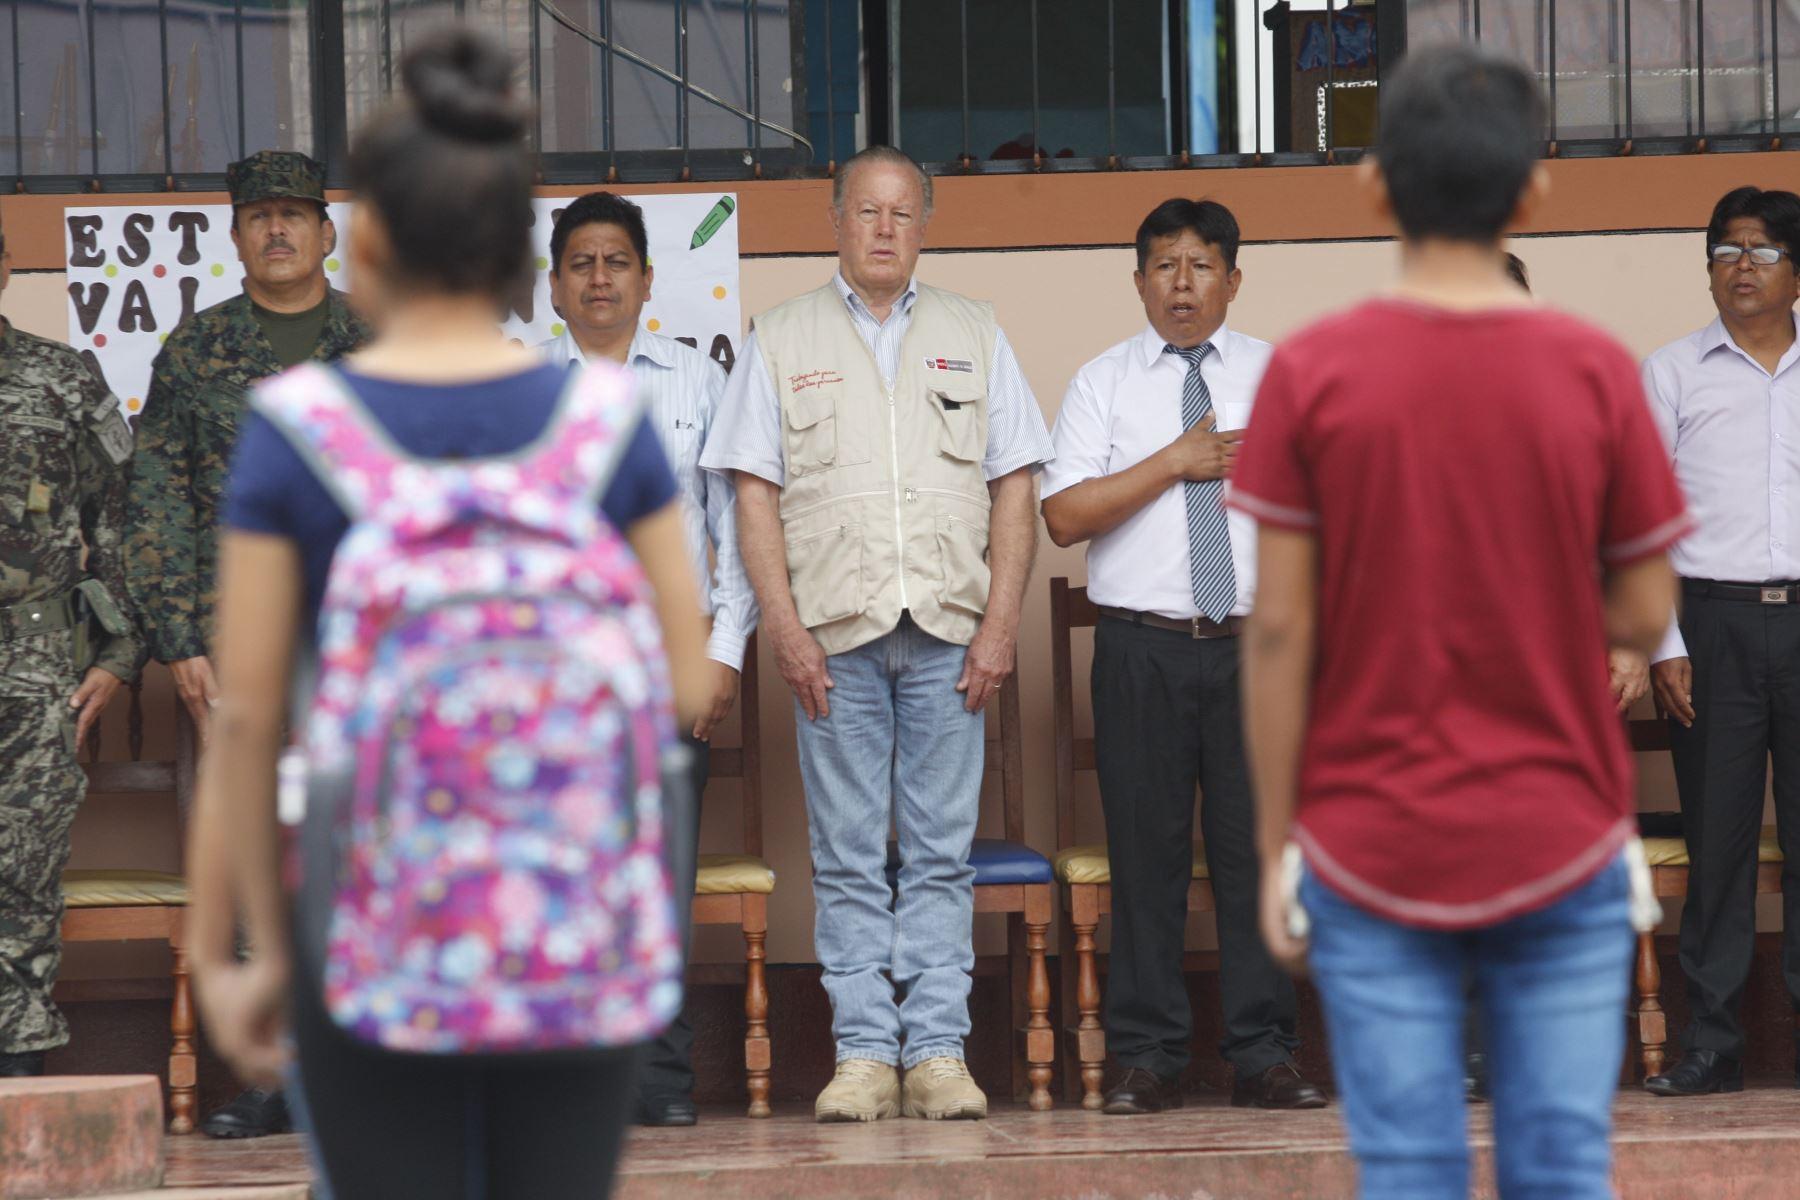 El ministro de Defensa Jorge Kisic, da inicio al buen año escolar 2018 en la institución educativa Cesar Vallejo en la Convencion - Cusco, zona del VRAEM . Foto: ANDINA/Eddy Ramos